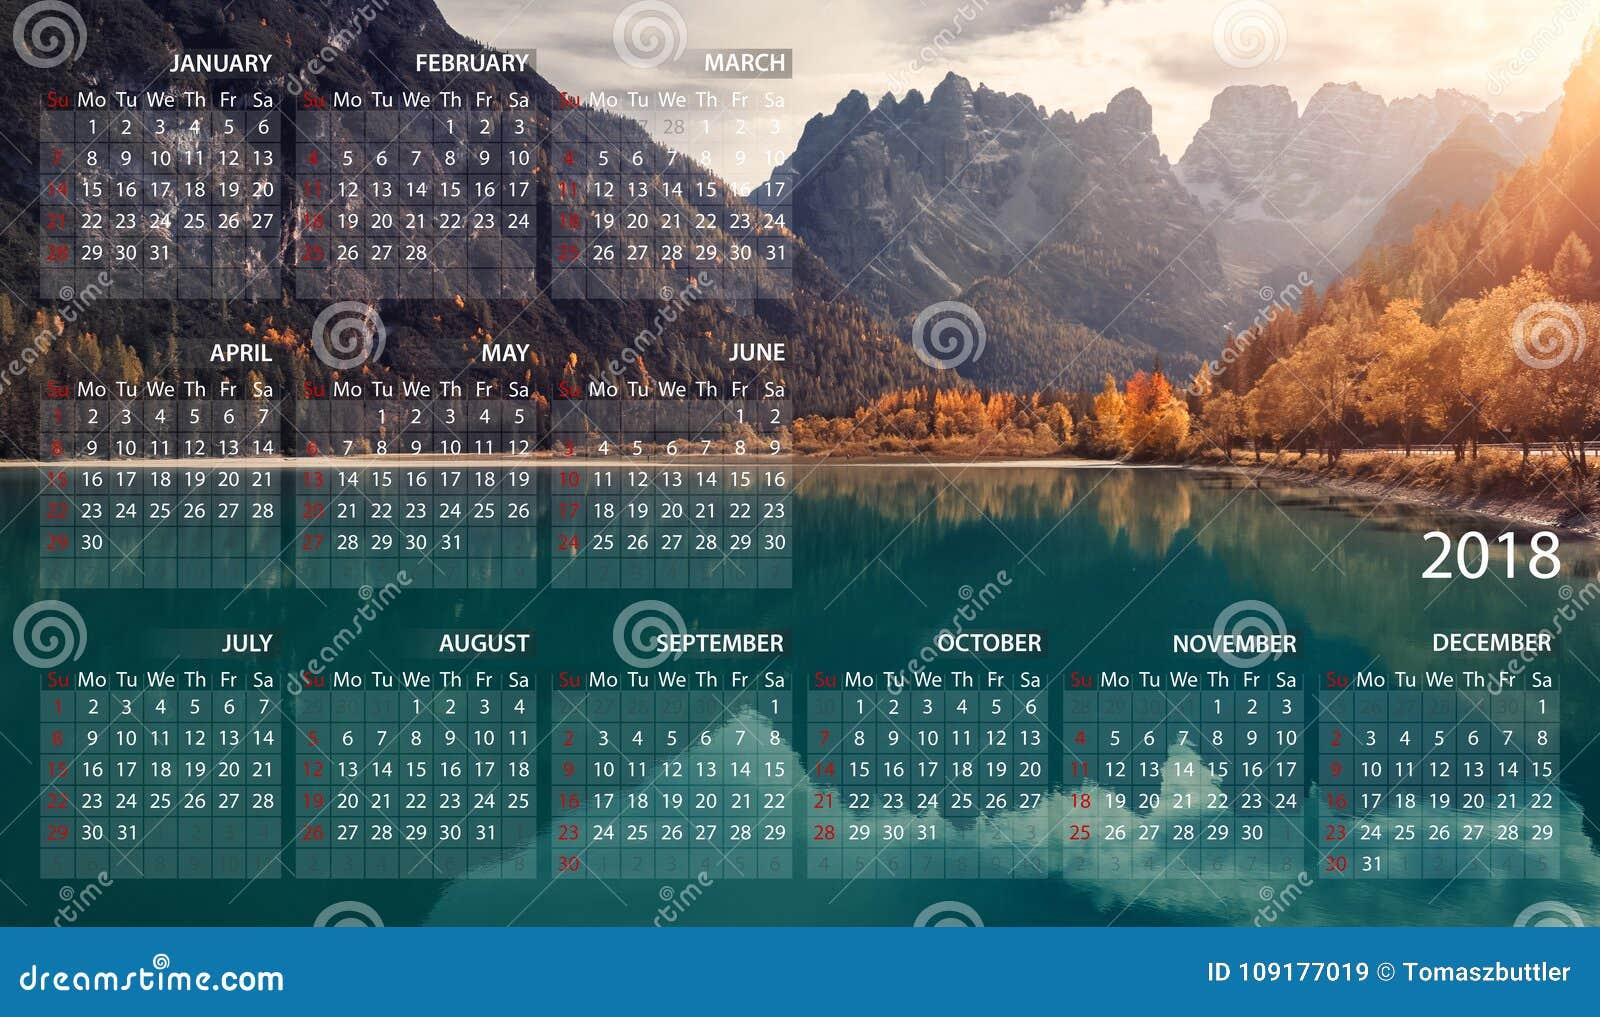 Panorama Calendario.Calendario 2018 Em Ingles Comecos Da Semana Em Domingo Panorama